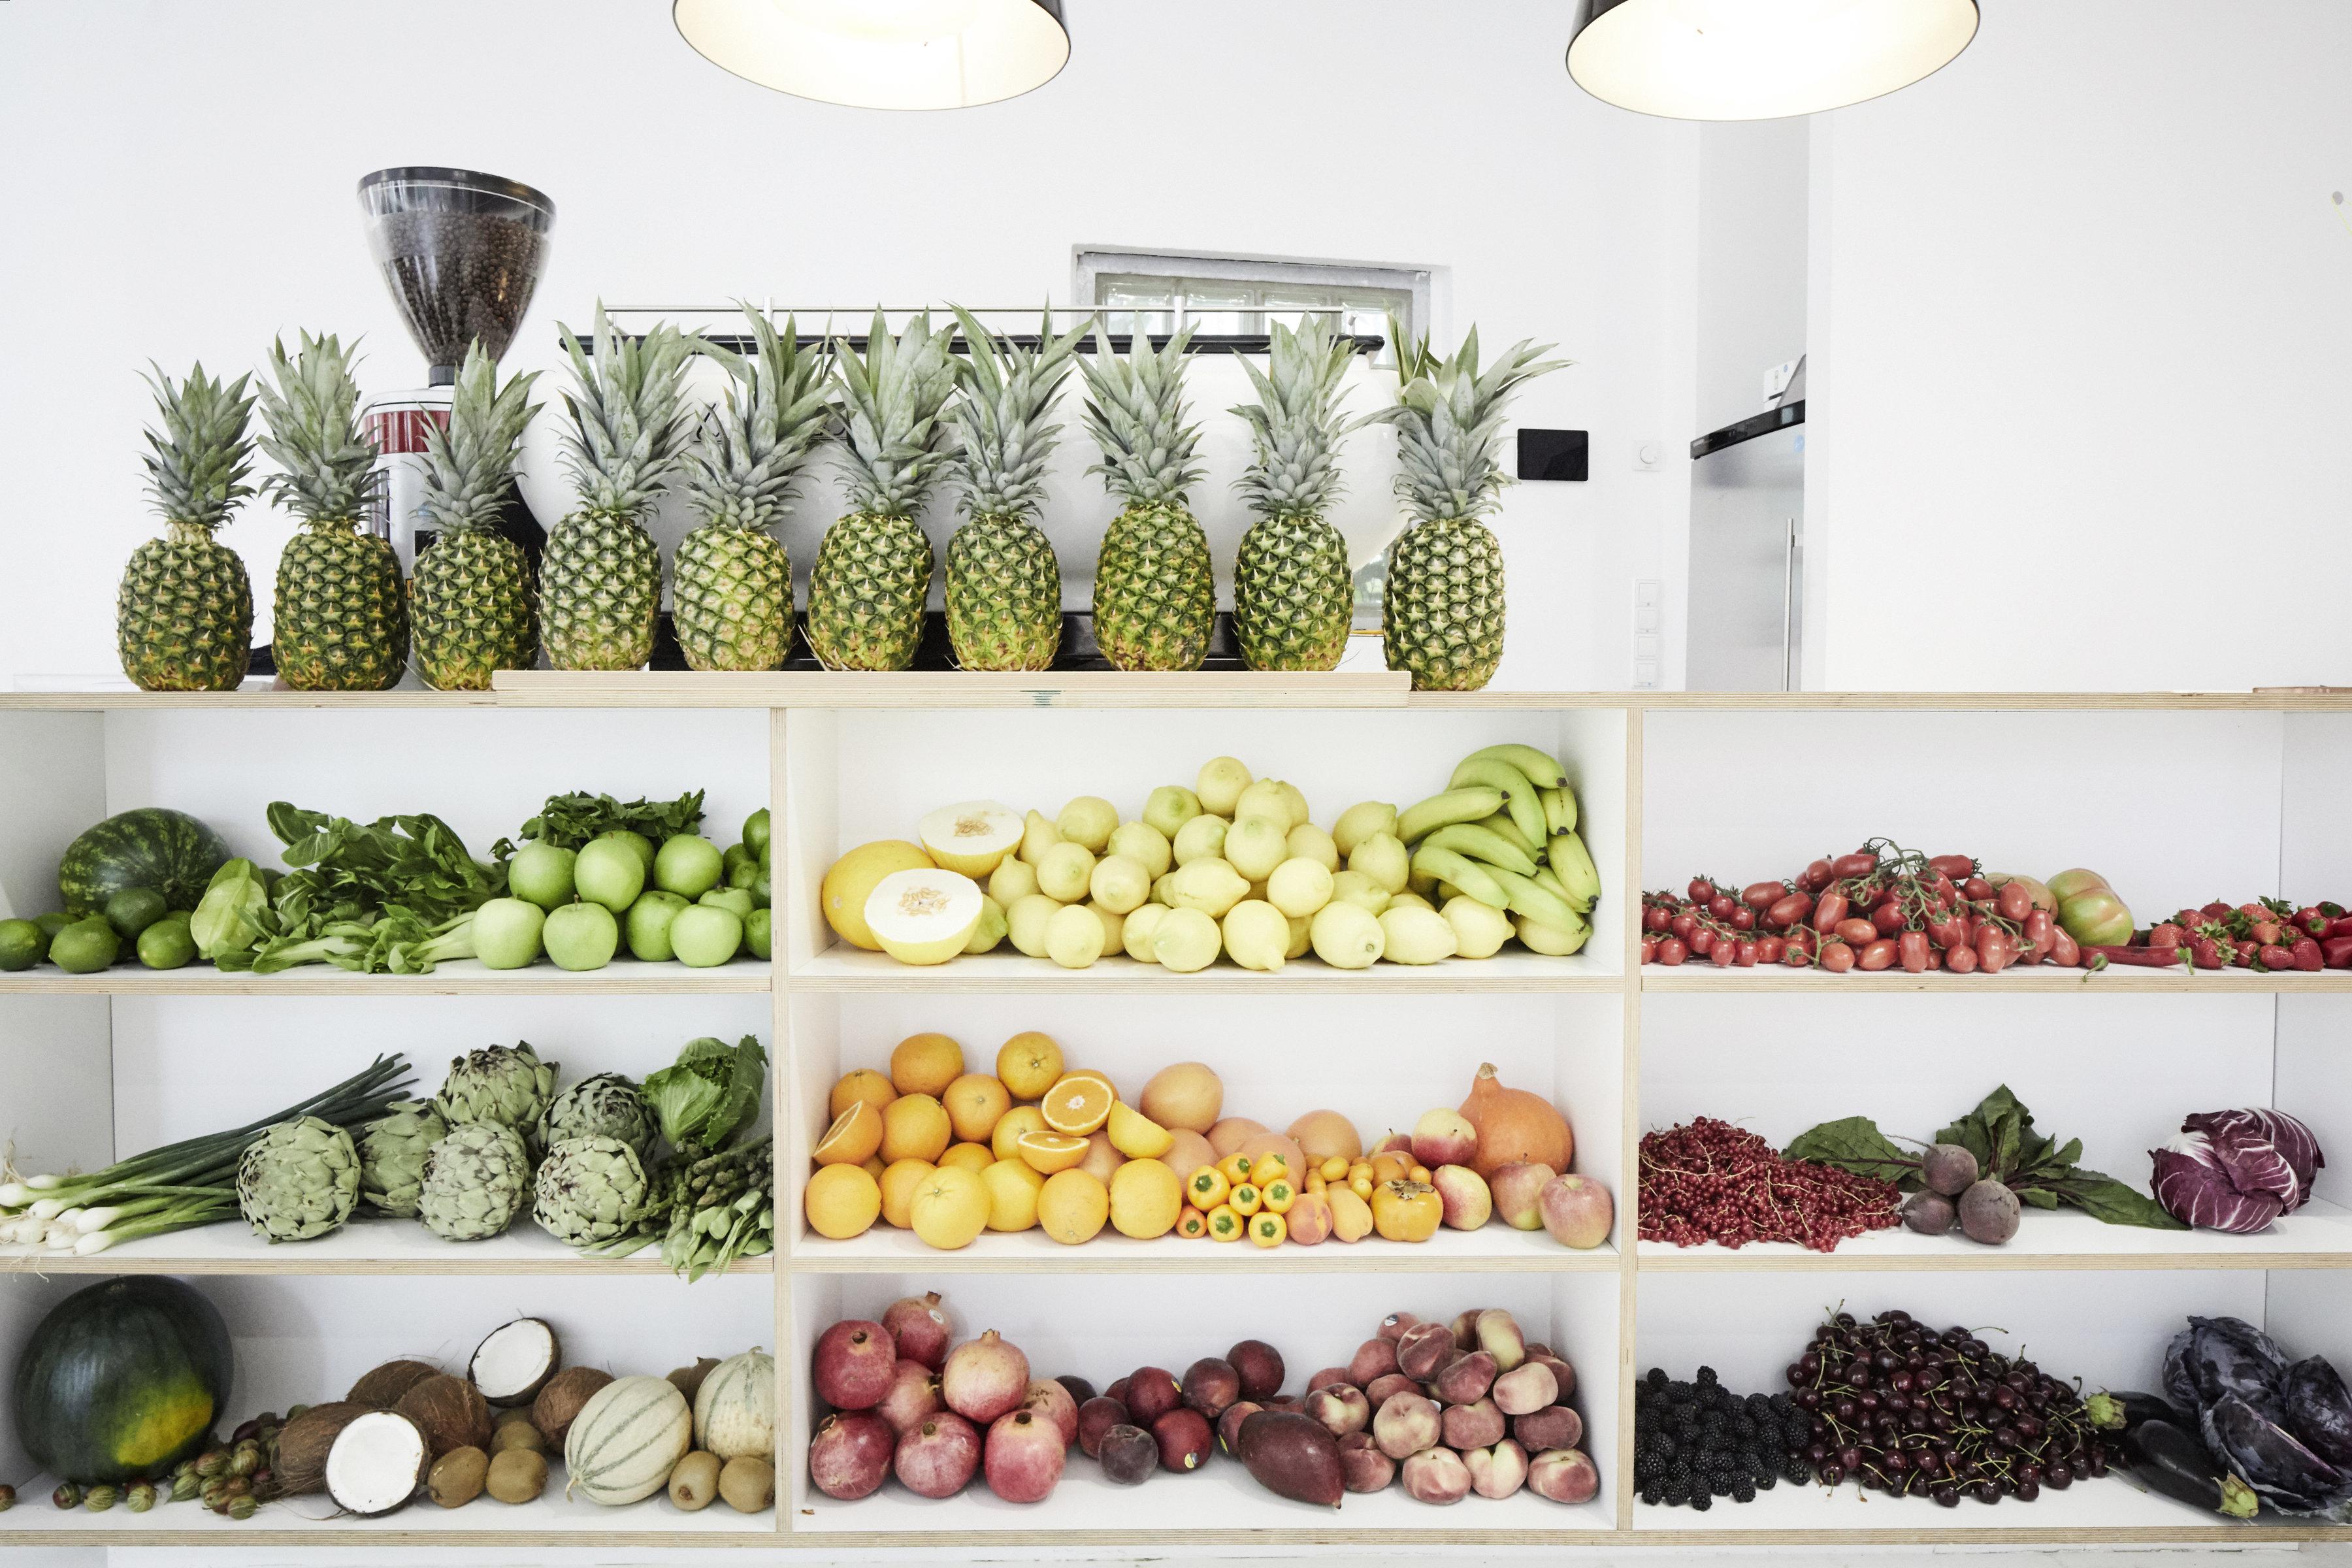 edeka food labs der fit food day projekt gesund leben clean eating fitness entspannung. Black Bedroom Furniture Sets. Home Design Ideas